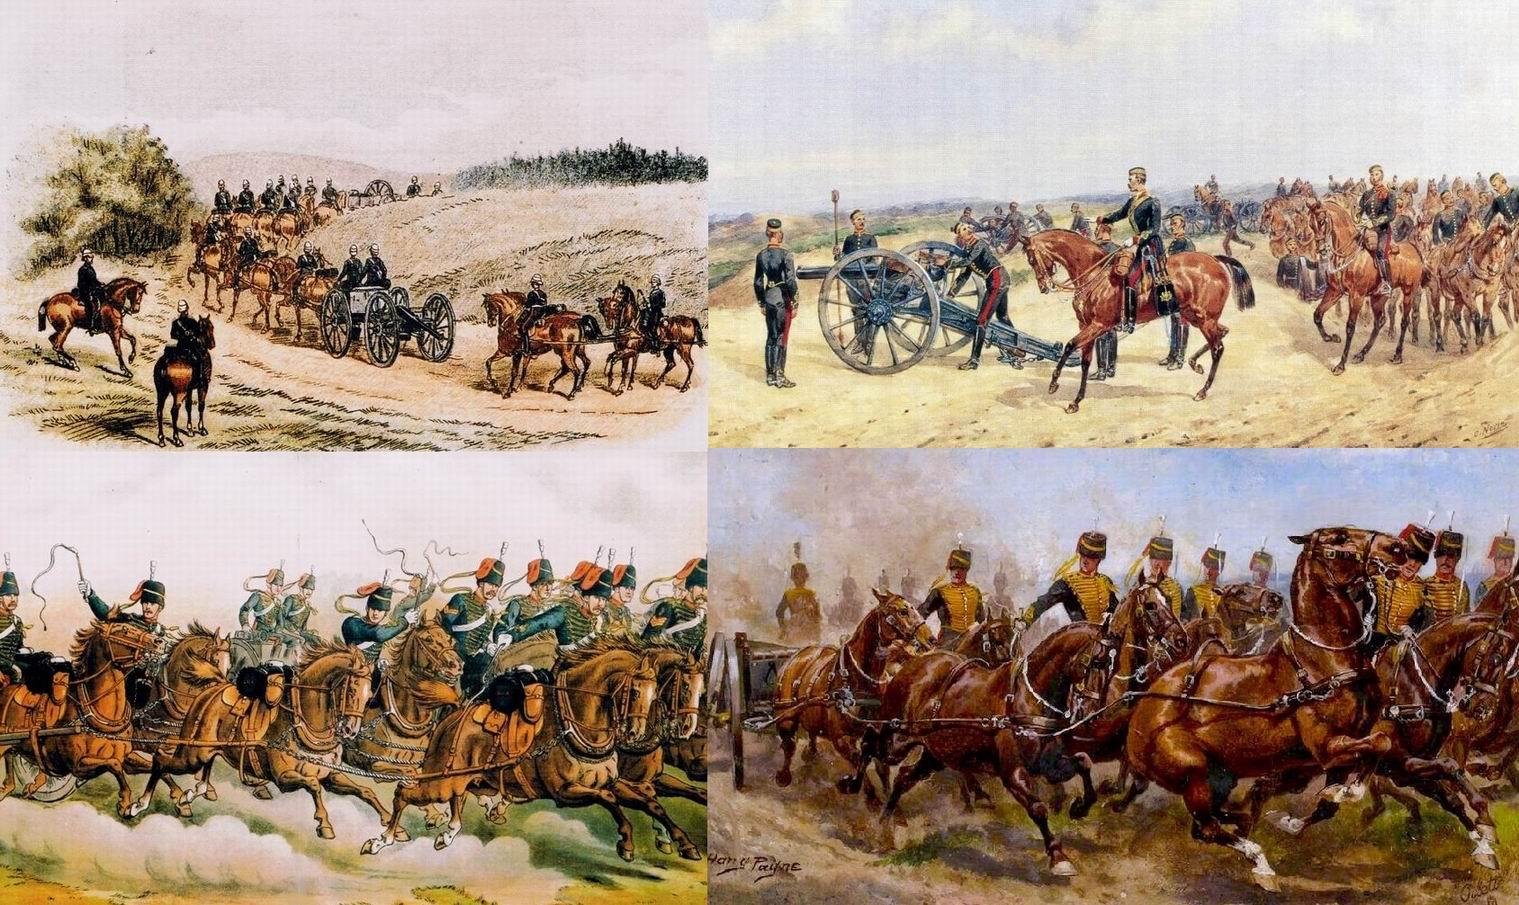 """Слева вверху — ККА на марше в Индии, 1888г. Справа вверху — на маневрах в Англии. Но больше всего художники любили изображать неудержимую скачку орудий """"проходящих везде, как кавалерия"""" (внизу)."""